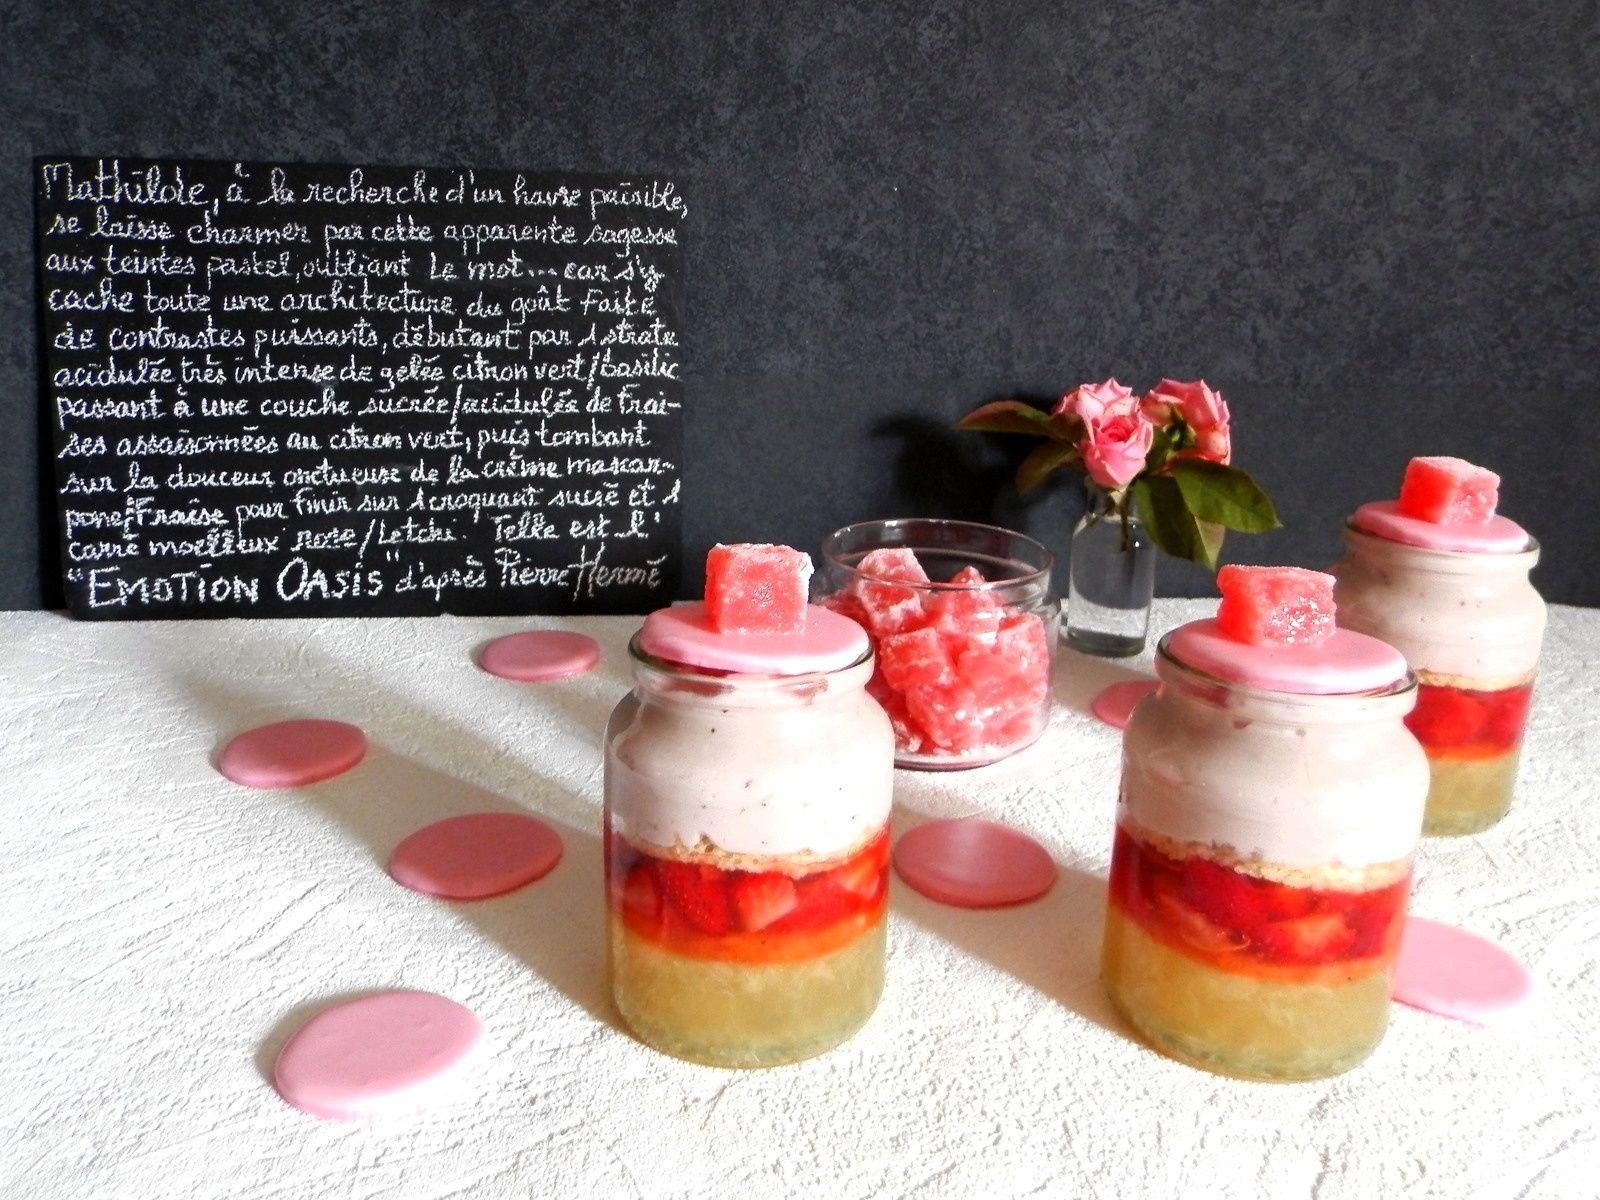 Emotion Oasis d'après Pierre Hermé : verrine fraise ...